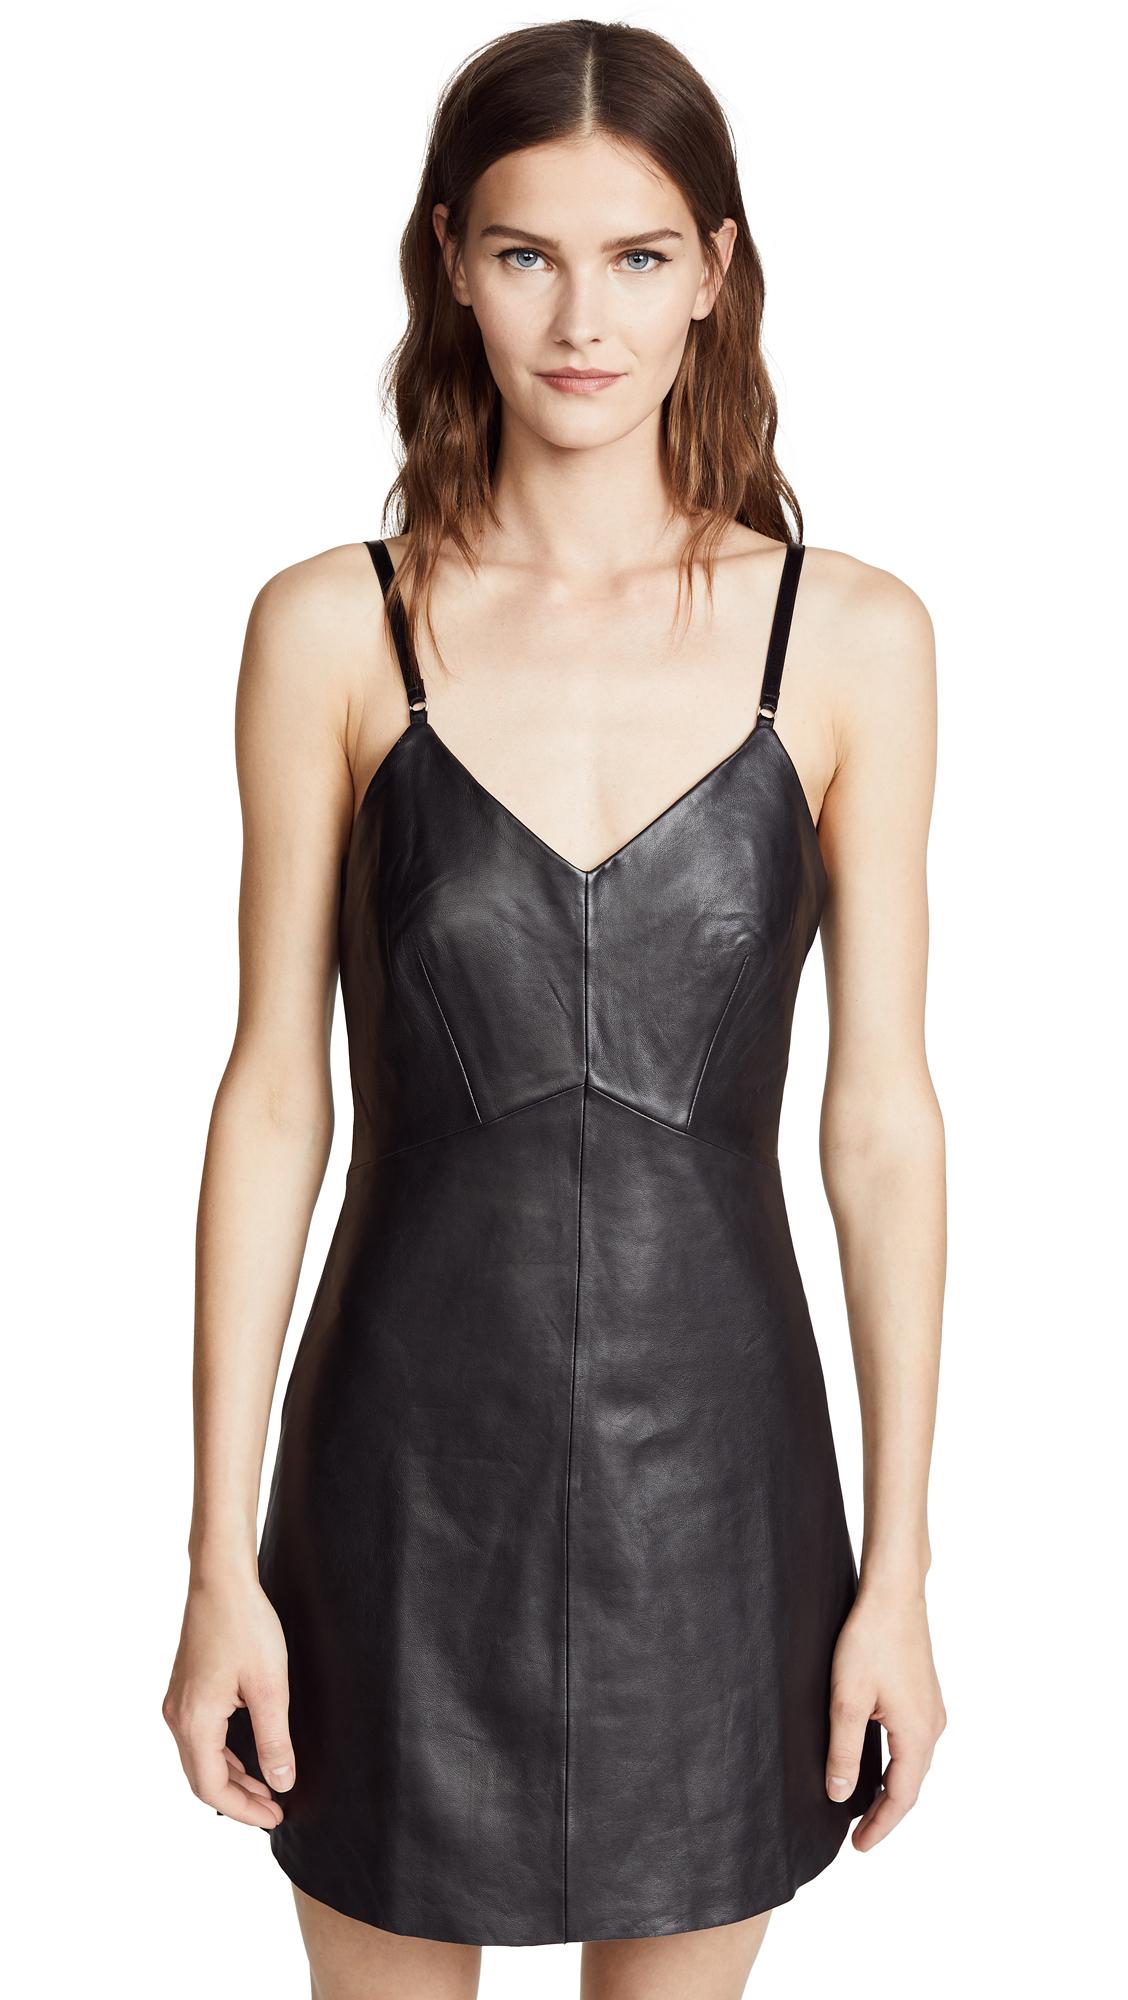 VEDA Leather Slip Dress - Black